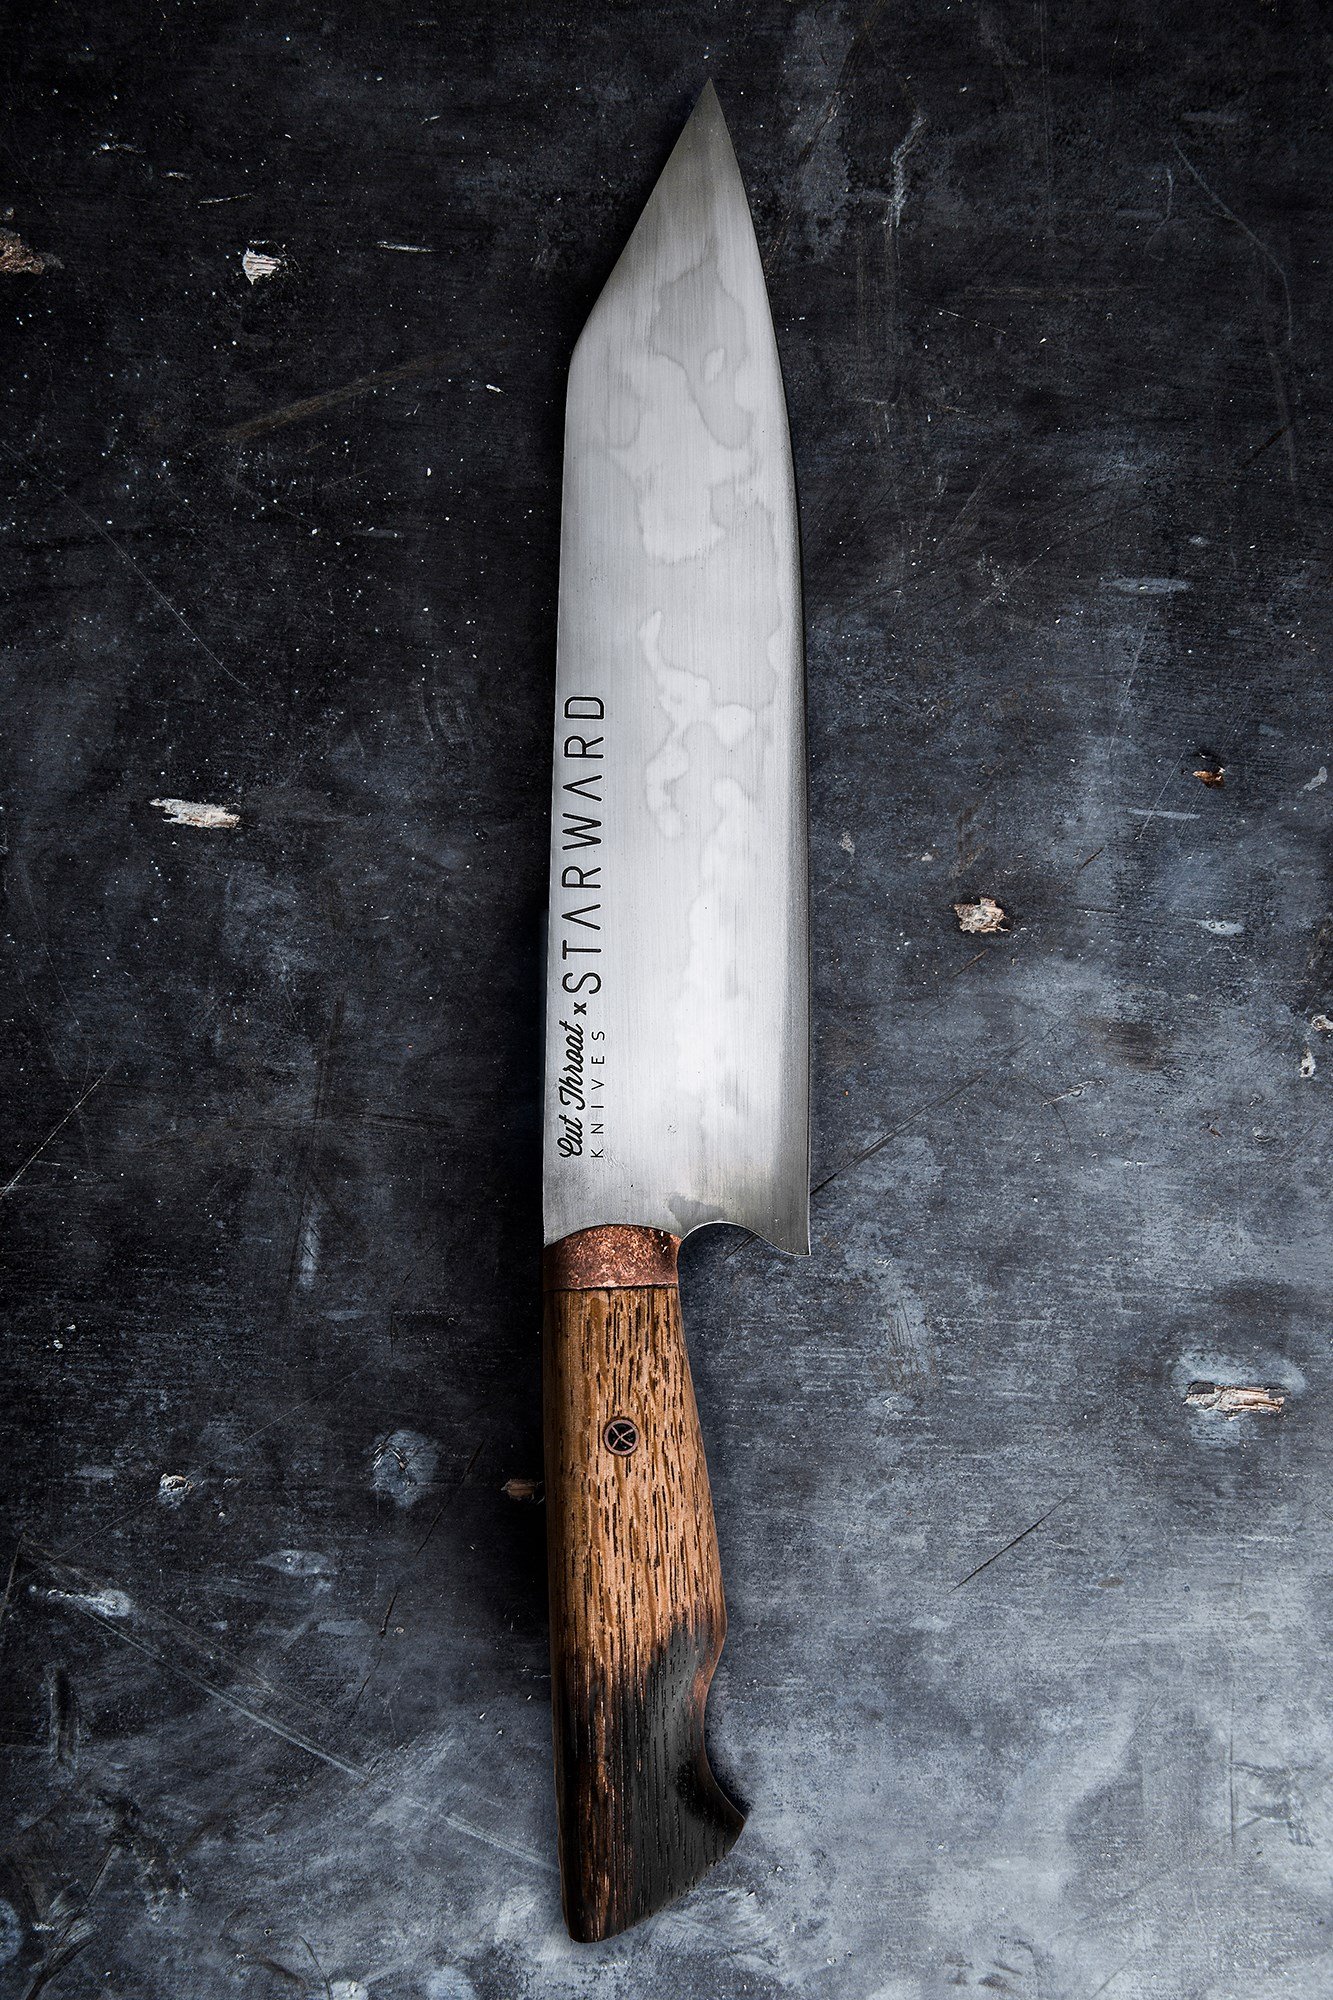 Image by Jack Hawkins from www.cutthroatknives.com.au